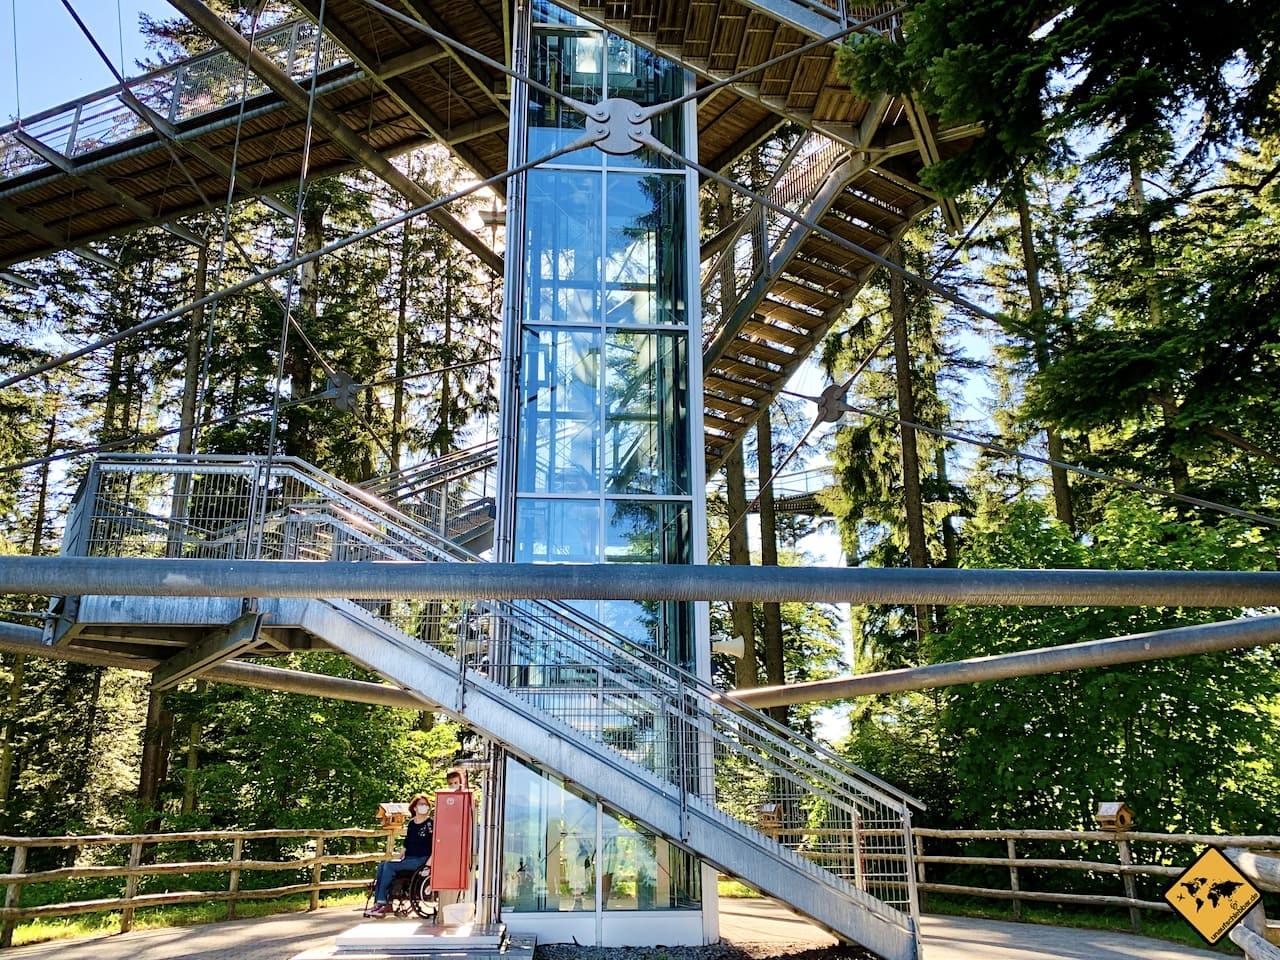 Bayern Skywalk Aufzug Barrierefreiheit